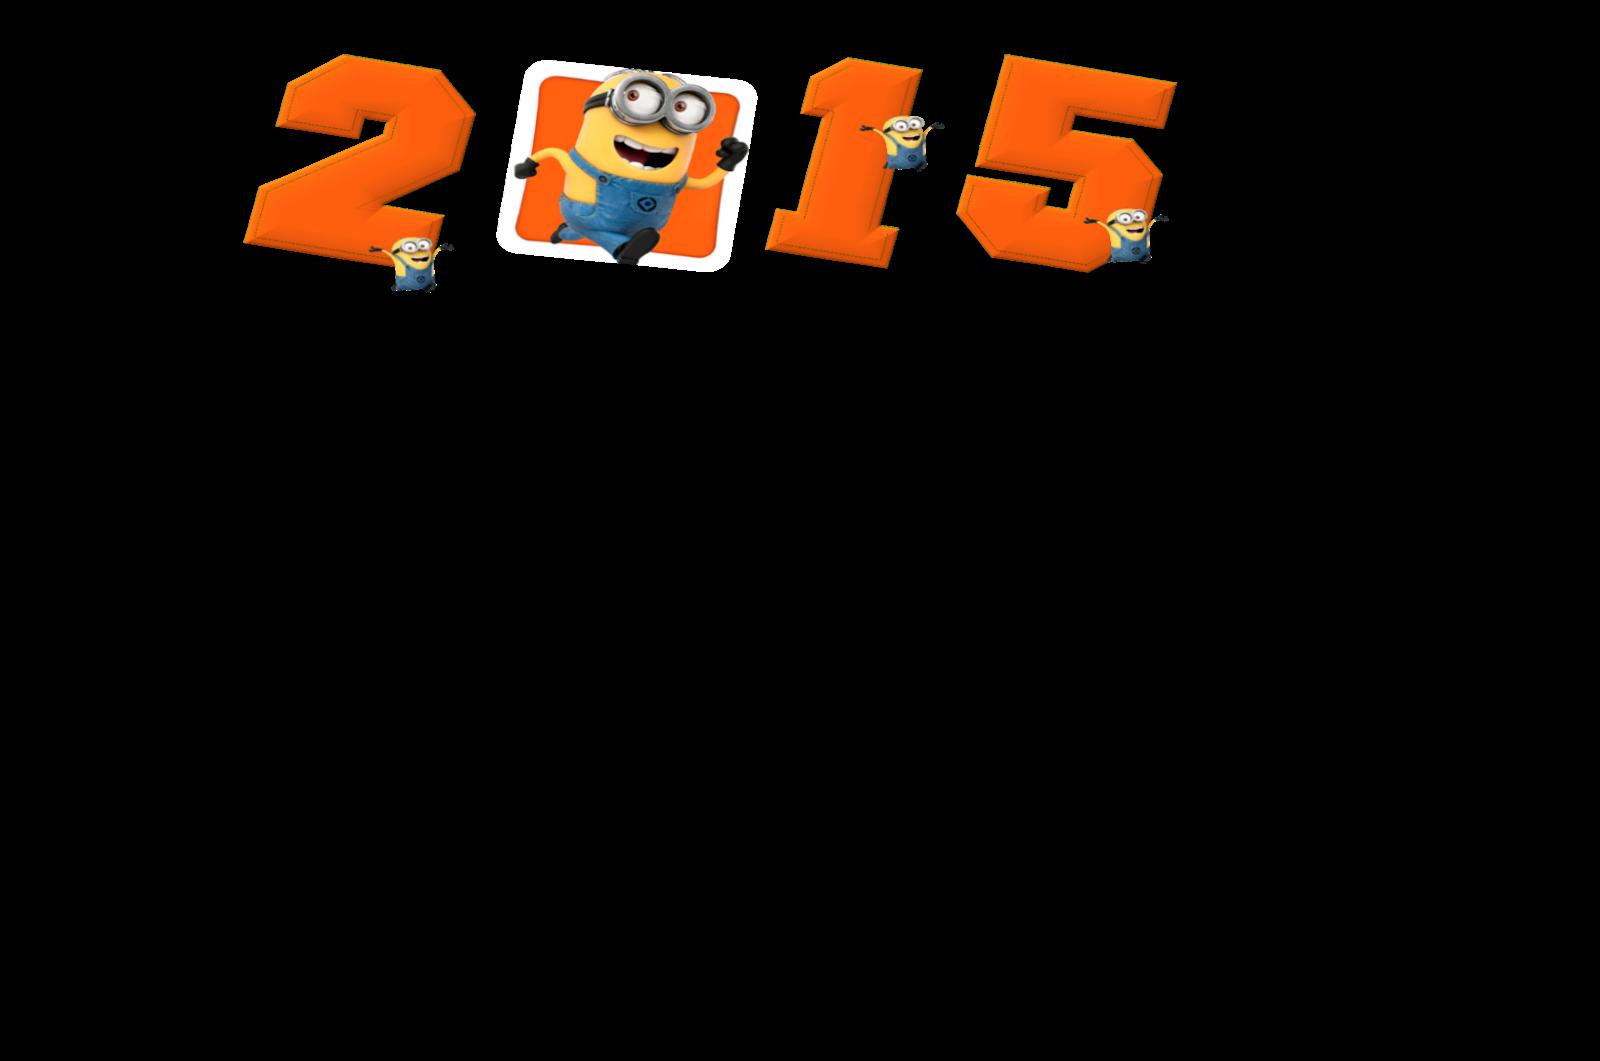 2015 infantil para imprimir